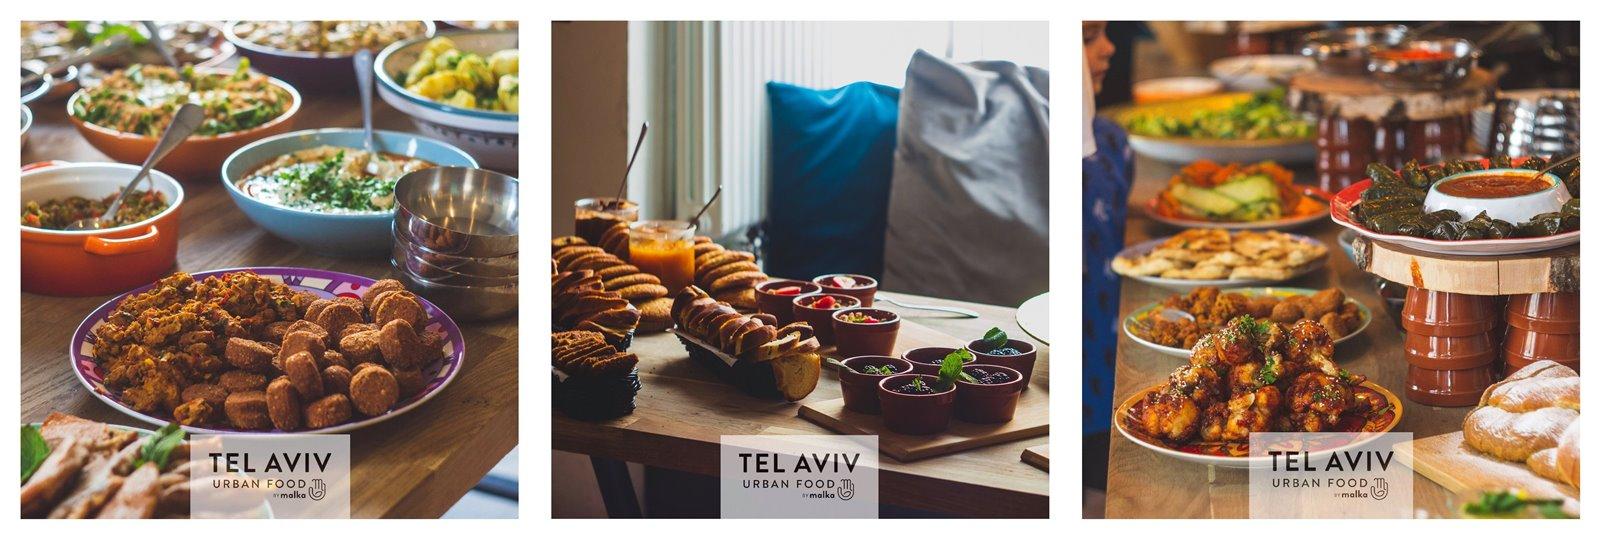 4a telaviv urban foods co zjeść w łodzi śniadania w warszawie bezmięsna kuchnia izraelska smaki izraela gdzie zjeść dobry hummus fallafell